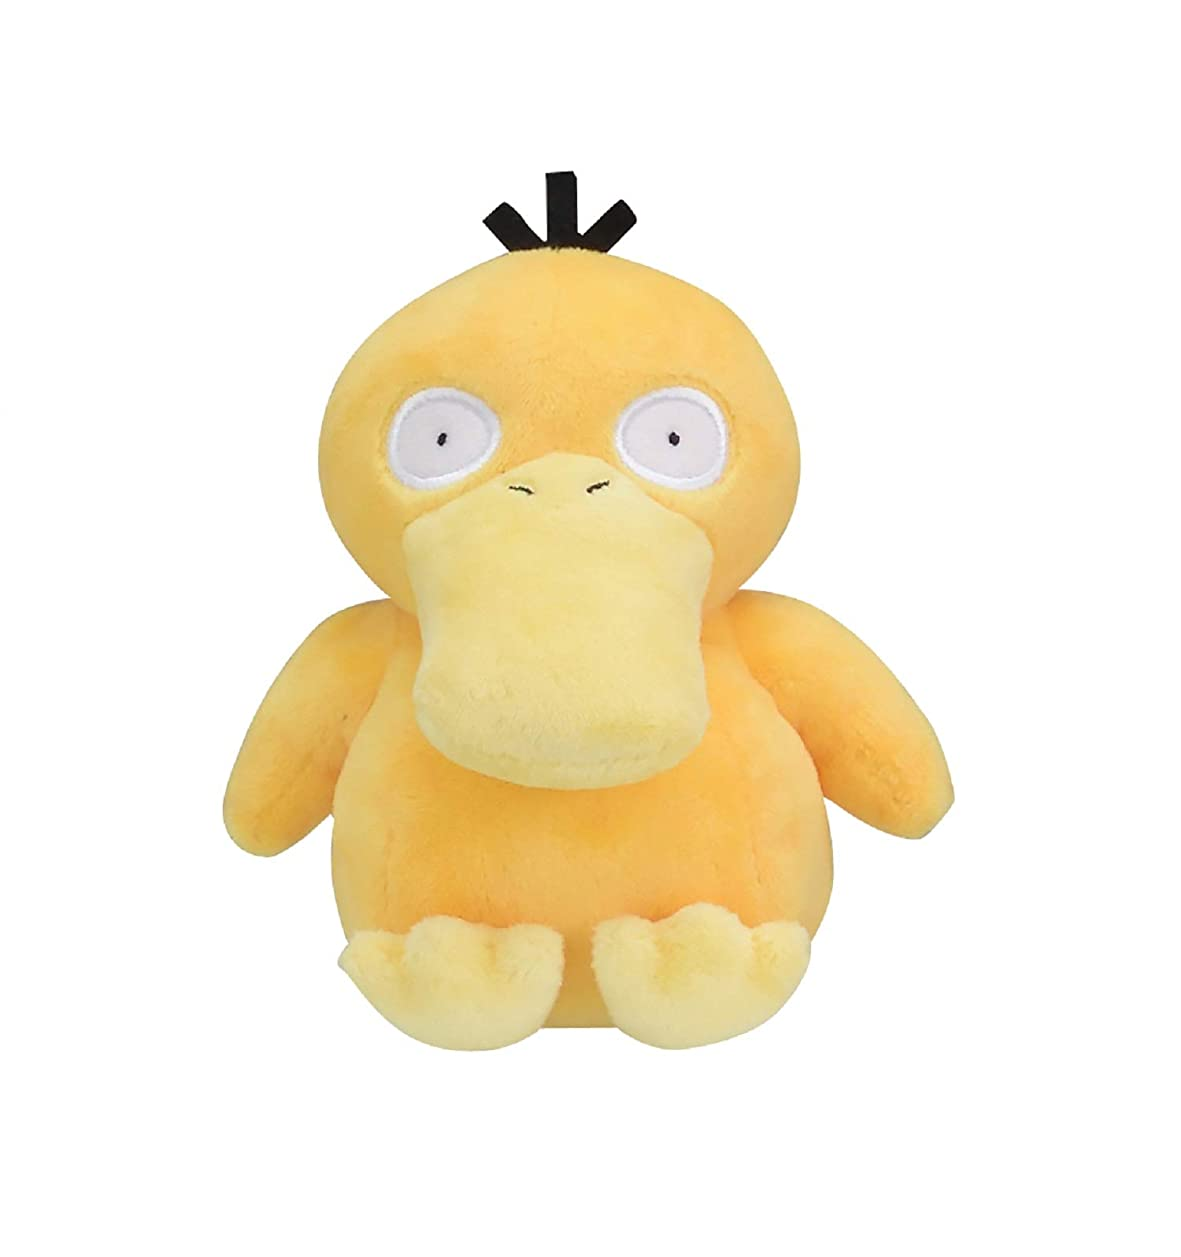 クリック丁寧汚染するポケモンセンターオリジナル ぬいぐるみ Pokémon fit コダック